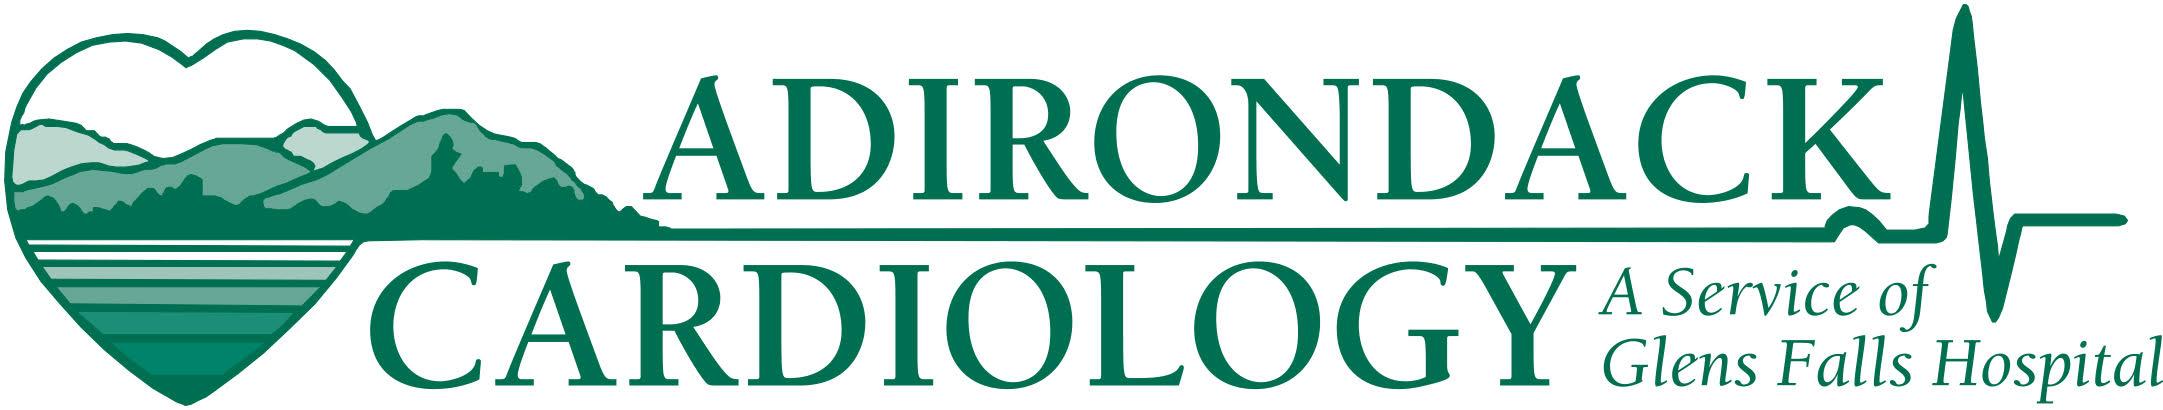 Adirondack Cardiology logo